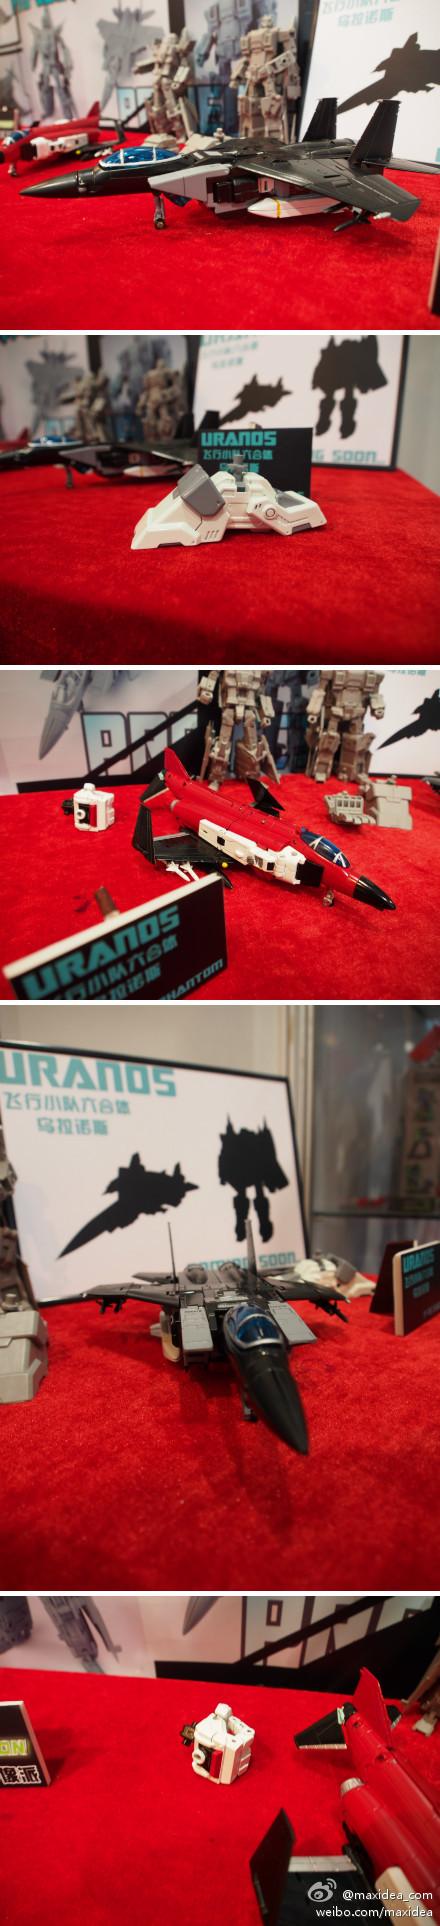 [TFC Toys] Produit Tiers - Jouet Uranos aka Supérion - Page 2 Tfc-uranus-02_1345212466